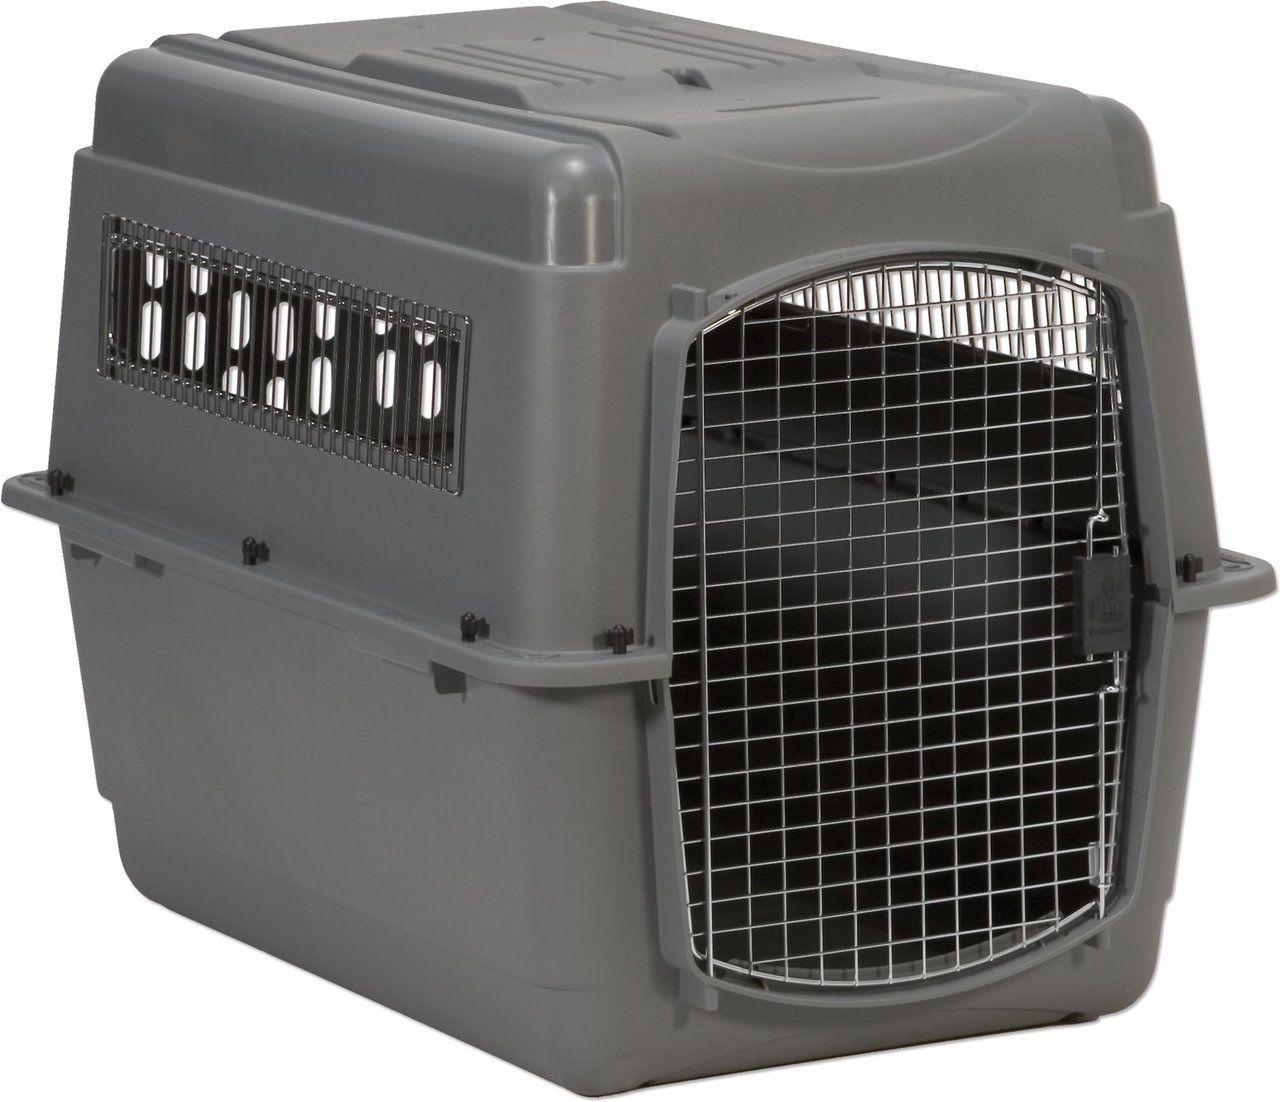 Petmate Airline Cargo Crate Intermediate Pet Carriers Dog Crate Pet Crate